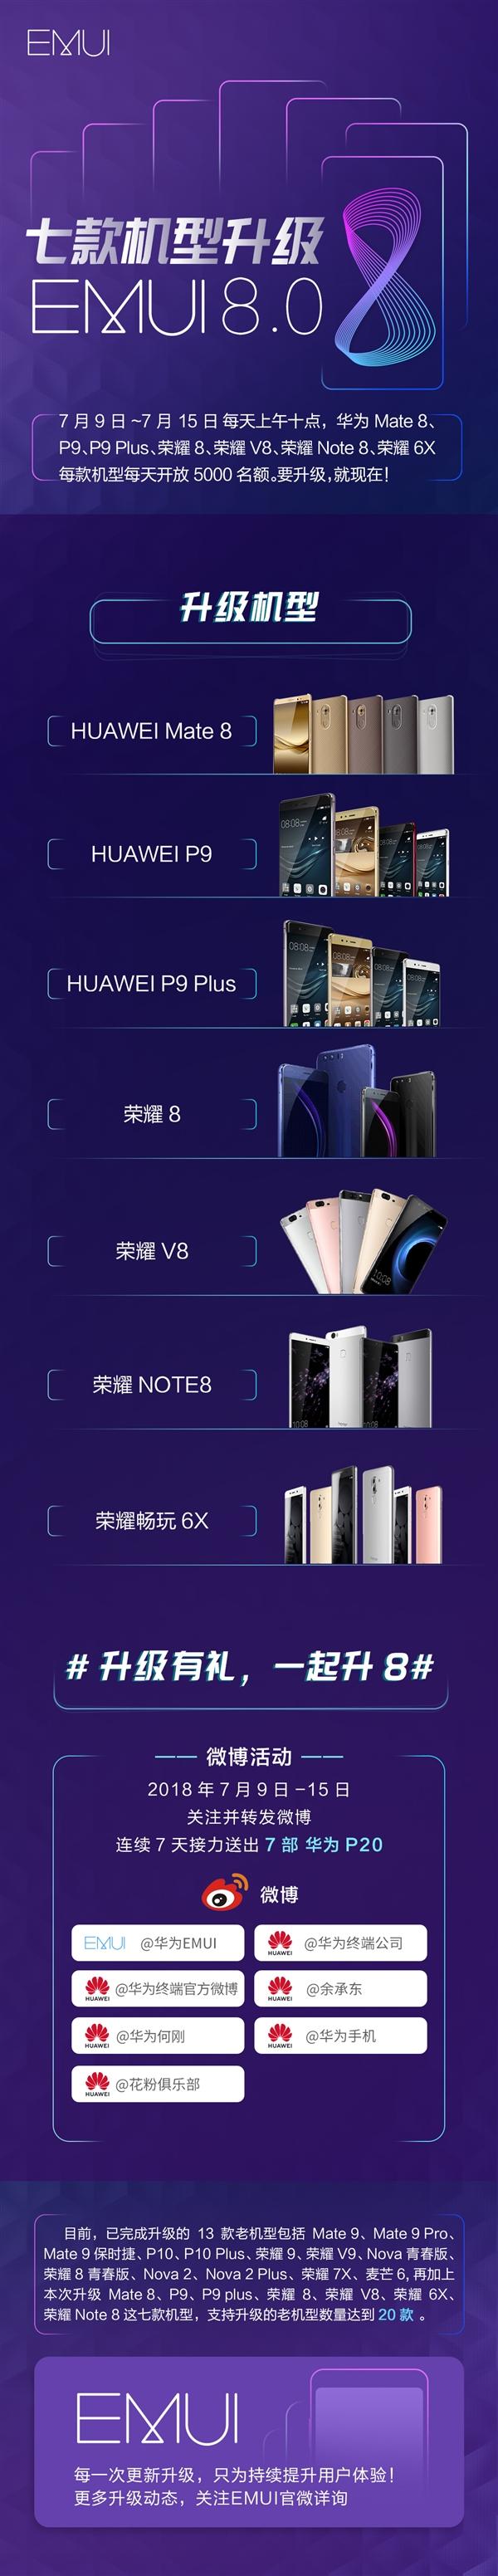 רשימת המכשירים שיעודכנו לאנדרואיד אוראו (מקור: Huawei)